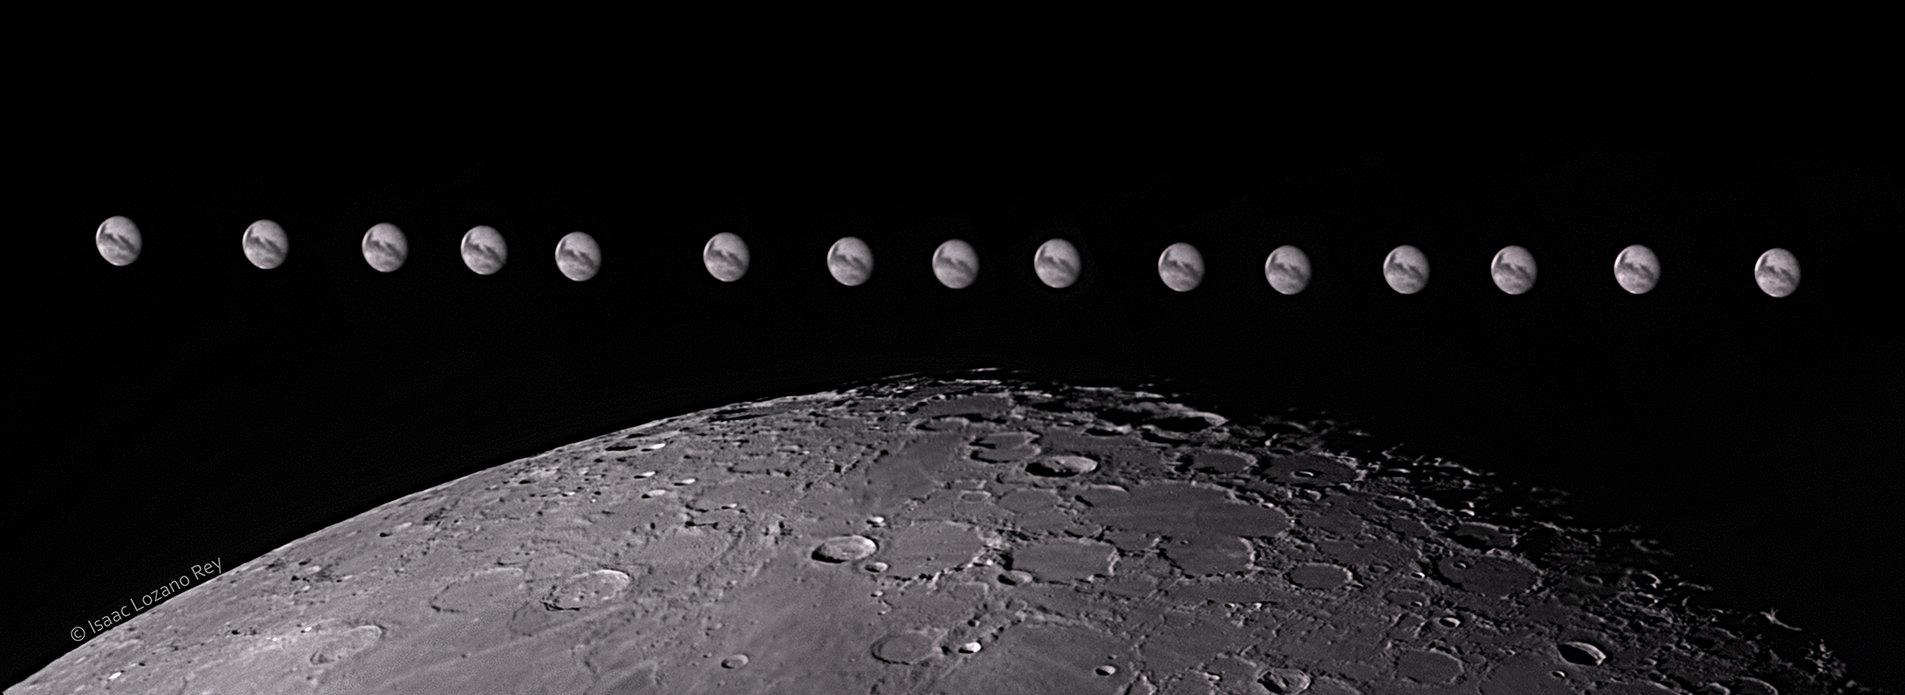 Conjunción Luna-Marte 06-09-2020 - Isaac Lozano